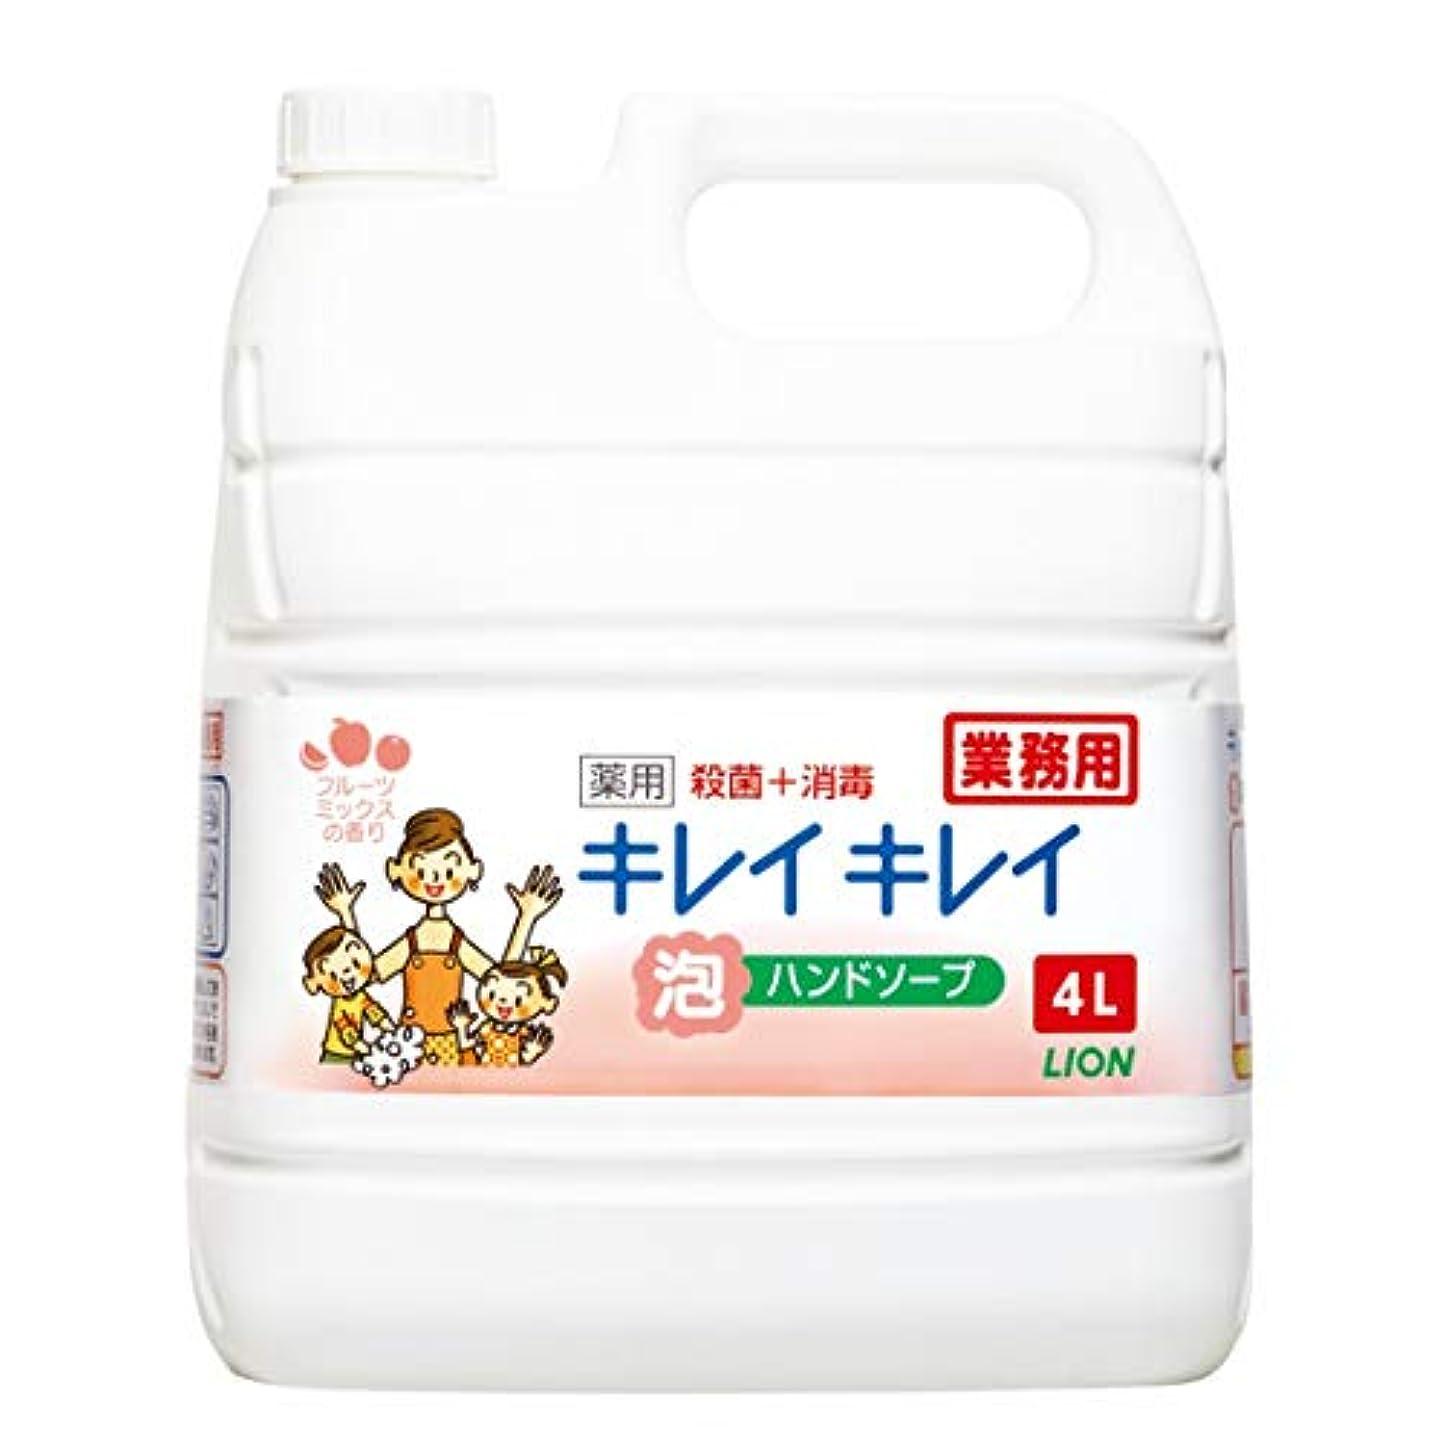 リネン知覚覚えている【業務用 大容量】キレイキレイ 薬用 泡ハンドソープフルーツミックスの香り 4L(医薬部外品)